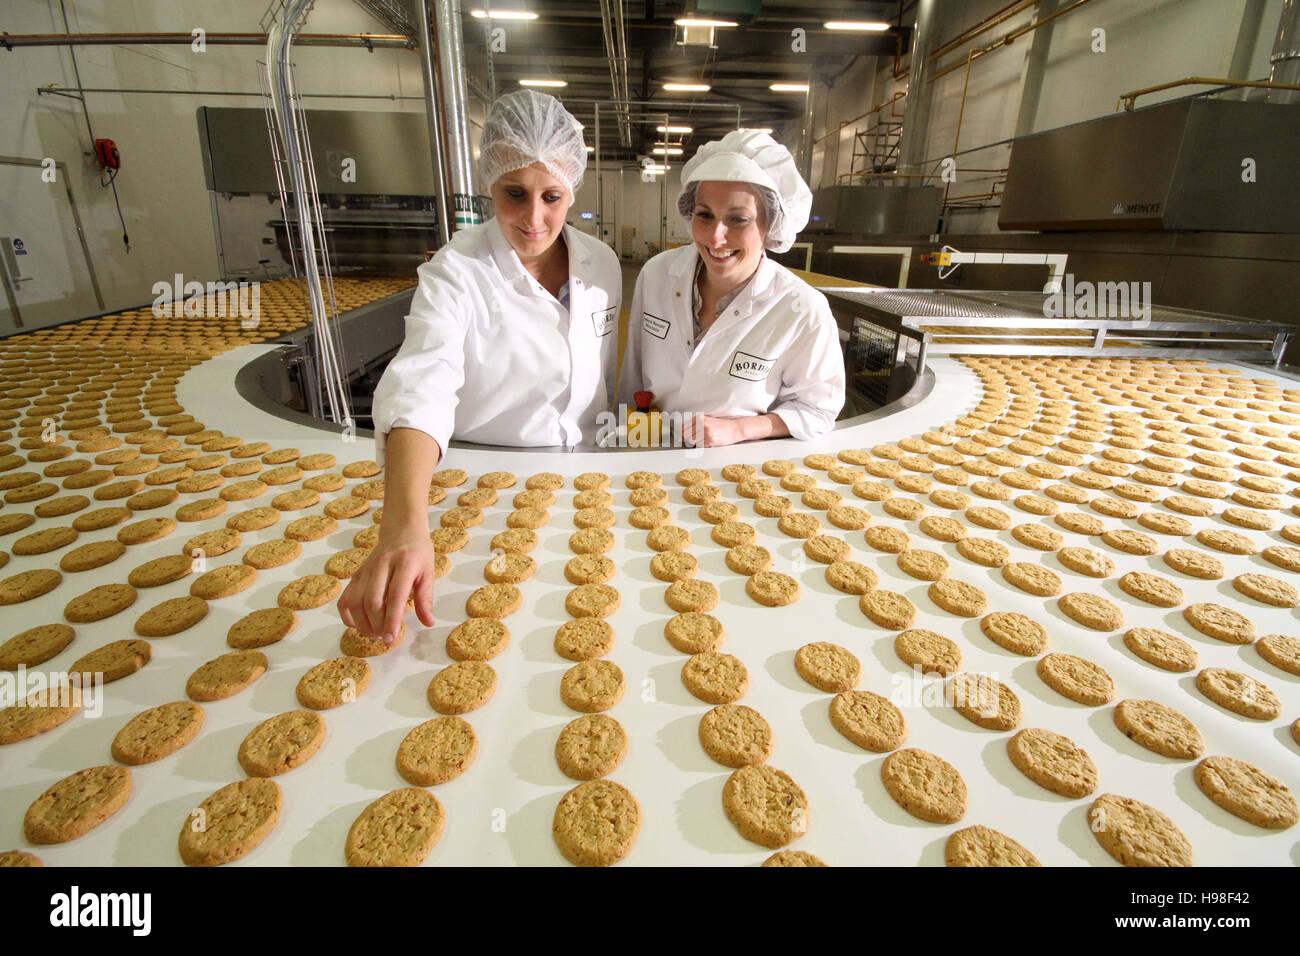 Produktionslinie mit Keksen und Fabrikarbeiter Stockbild